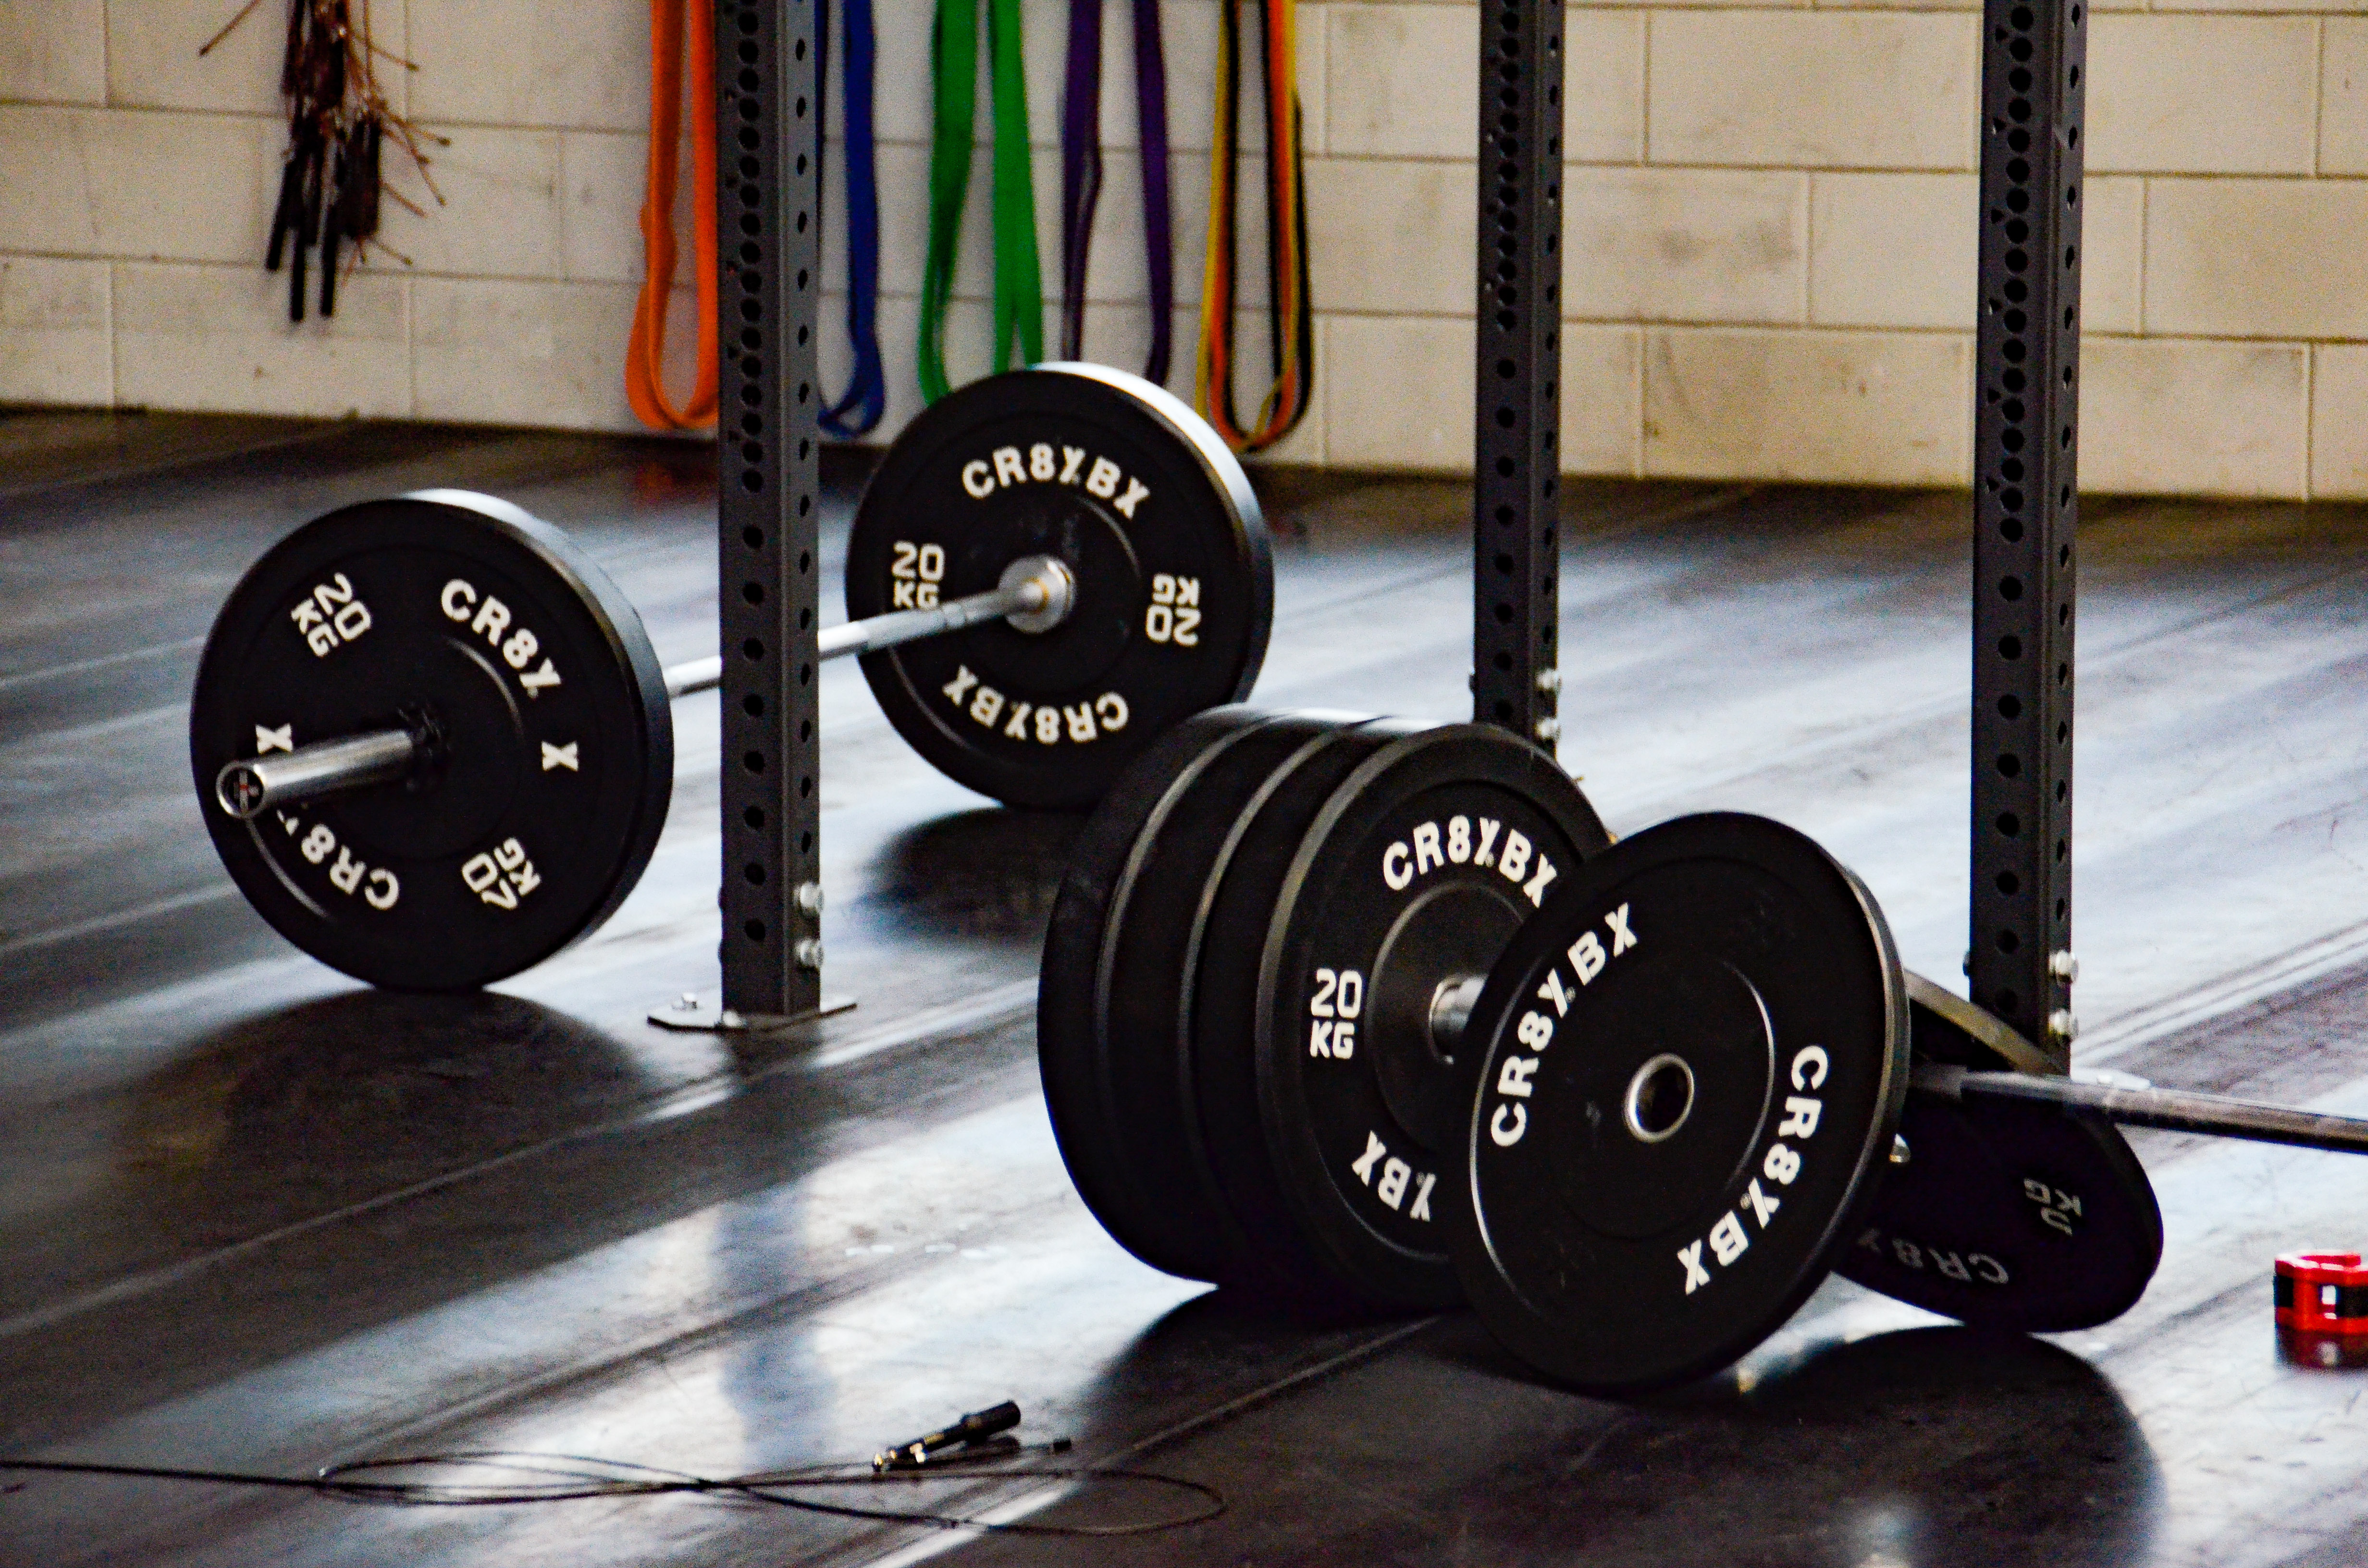 Januari actie: 1 maand gratis CrossFit